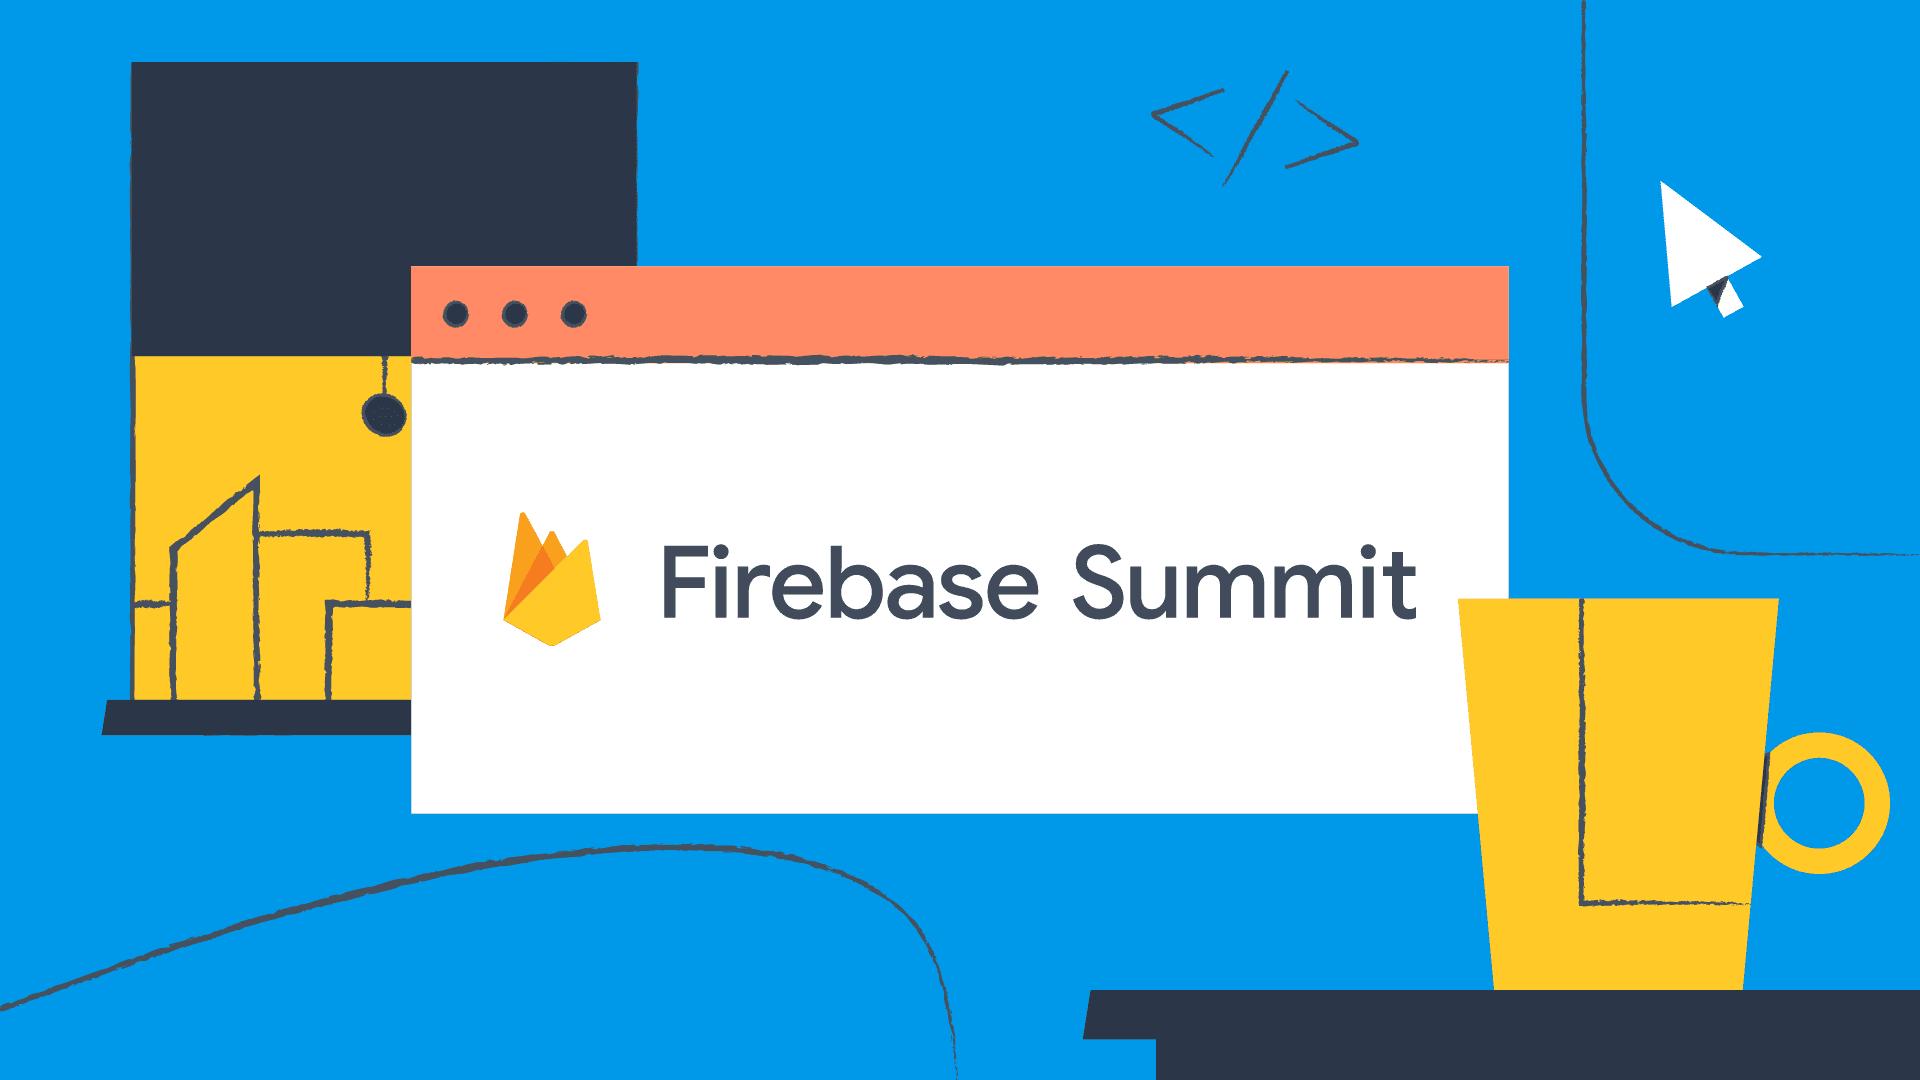 رسم توضيحي لقمة Firebase